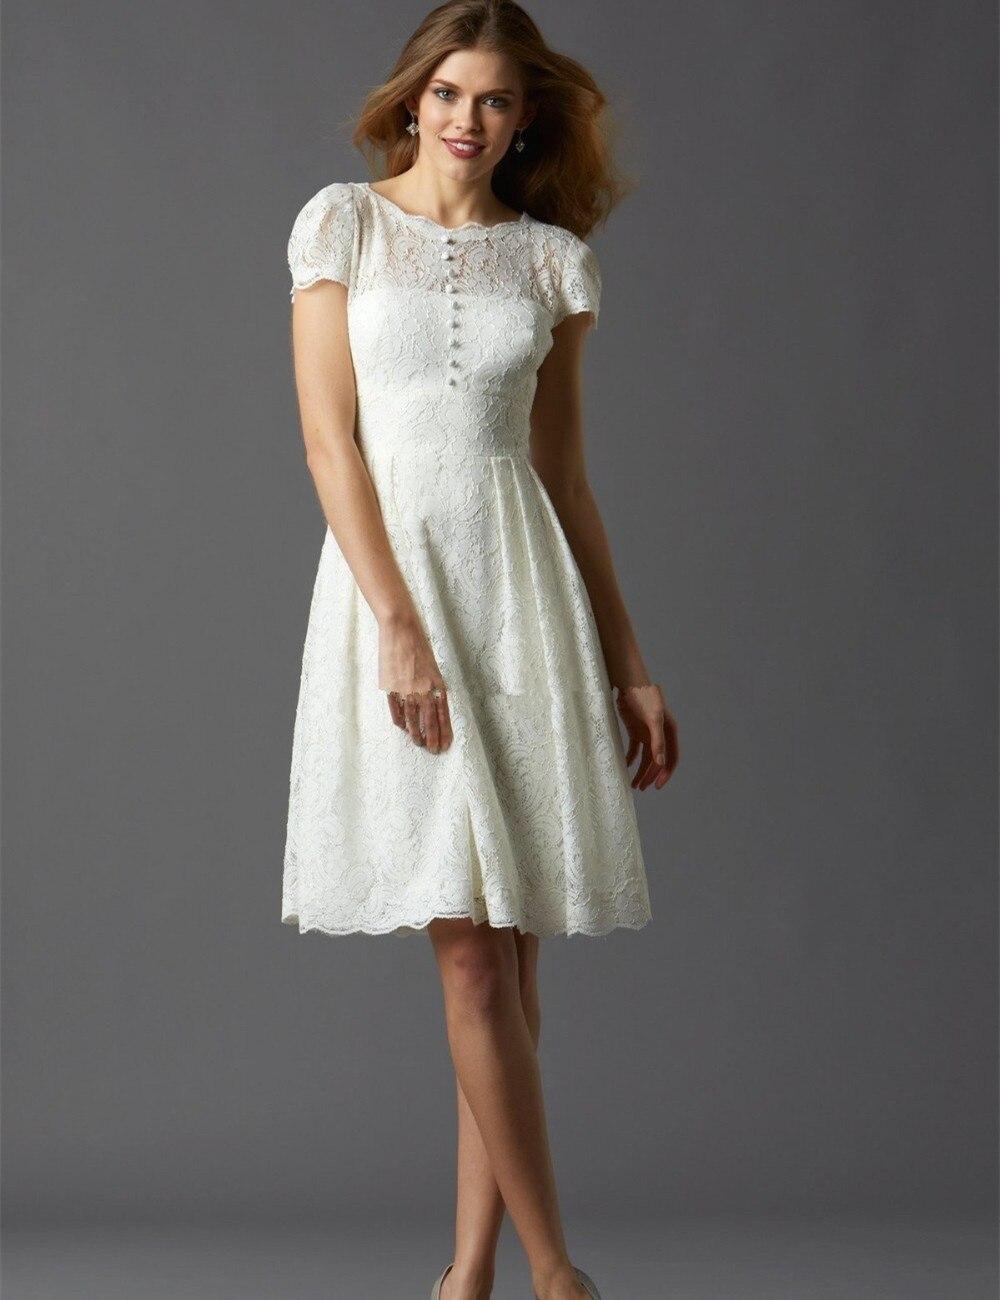 knee Length font b Wedding b font font b Dresses b font Lace Short Sleeve Modern